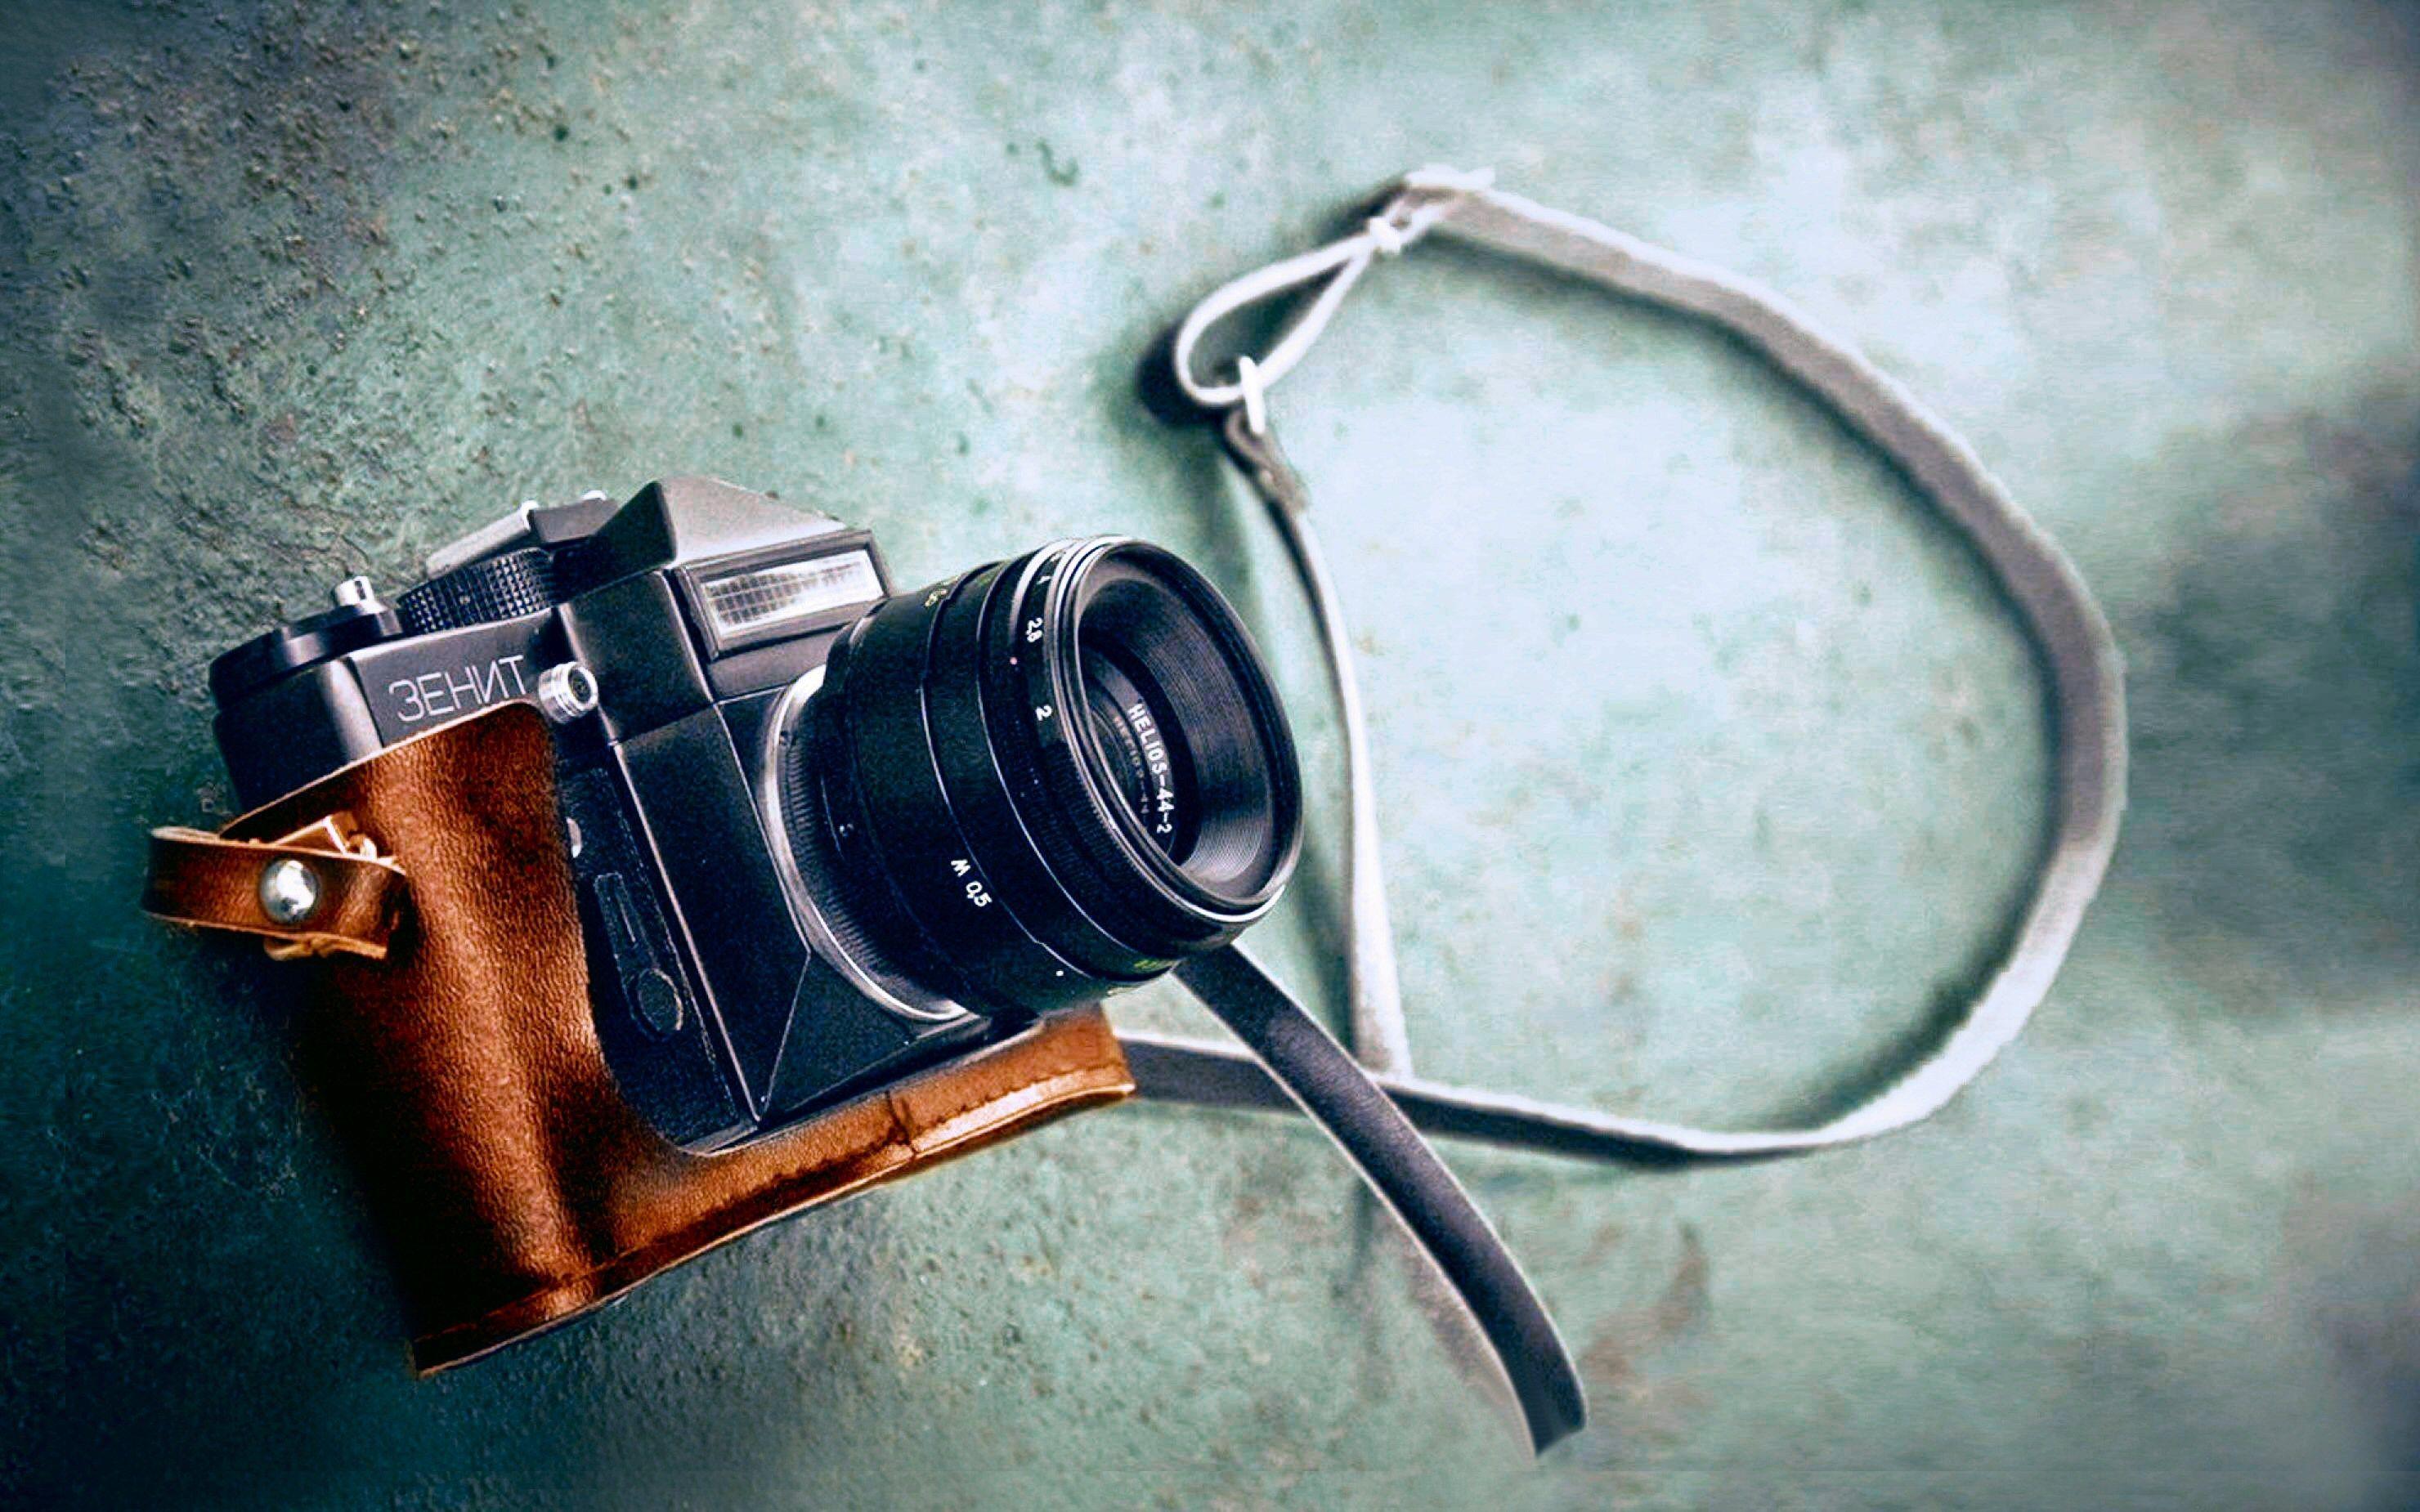 Hd wallpaper camera - Camera Wallpaper Hd